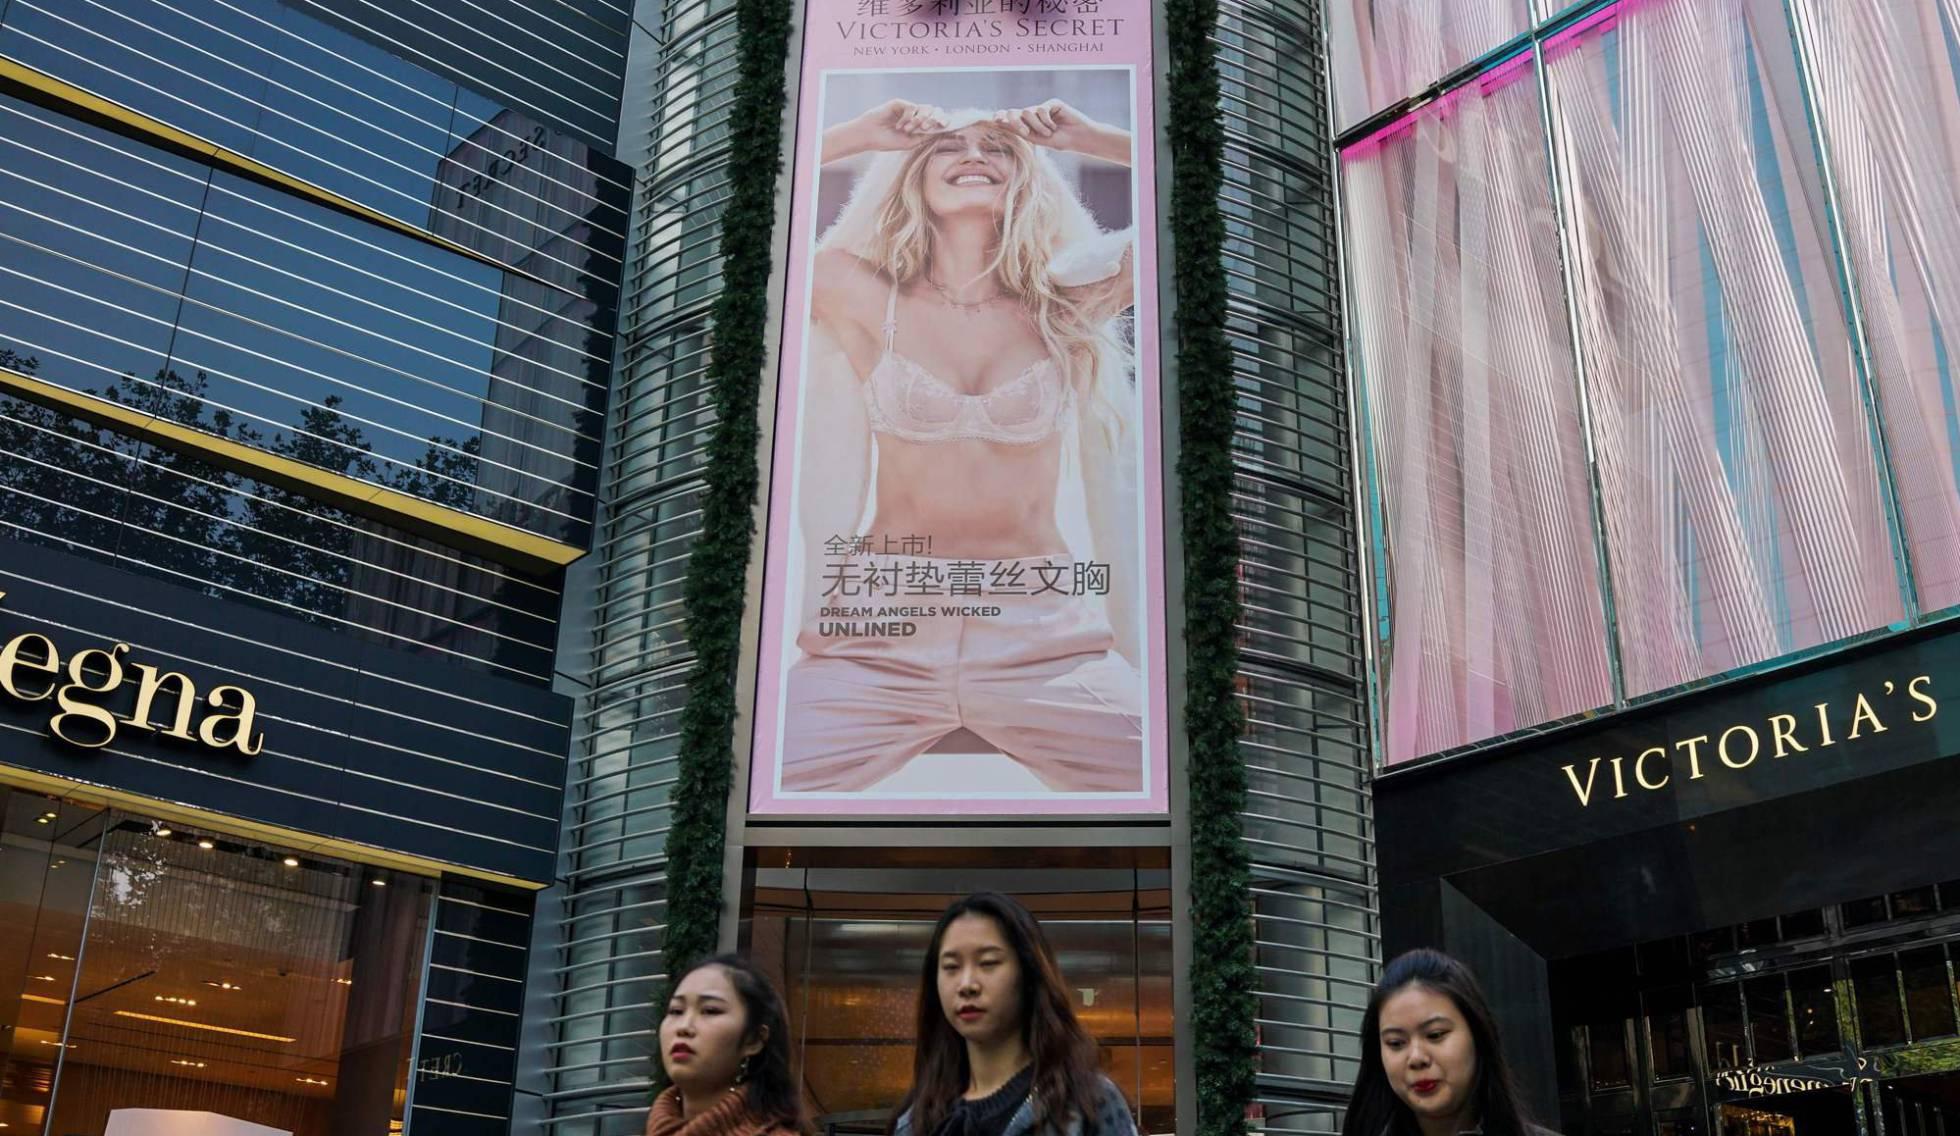 El anuncio del desfile anual de Victoria's Secret en la ciudad de Shangái.